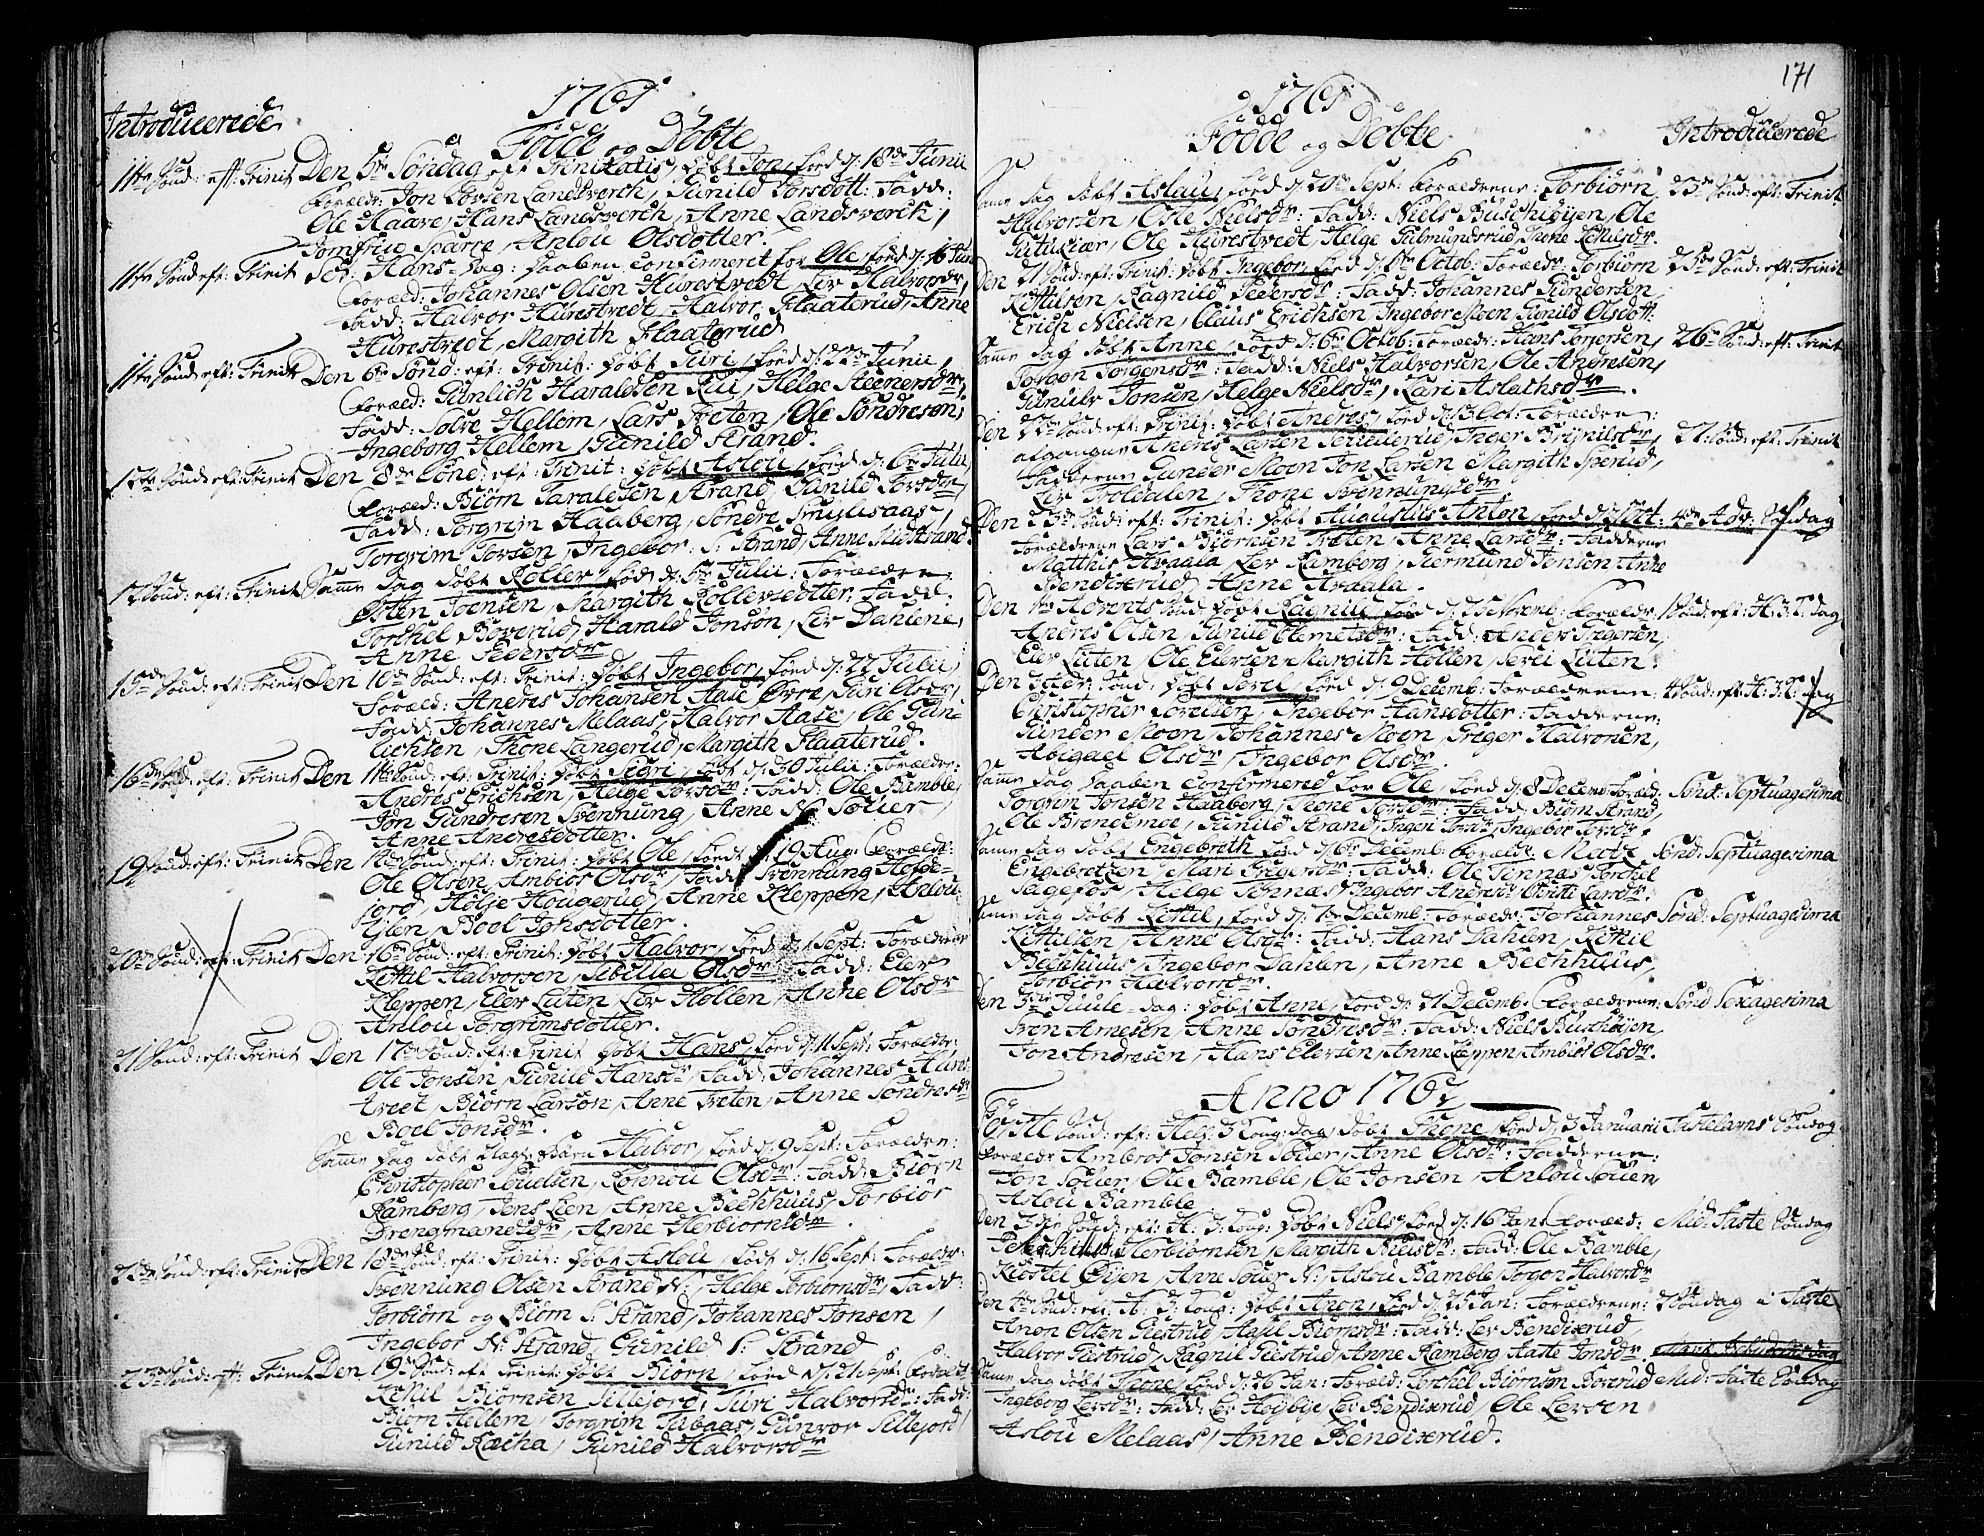 SAKO, Heddal kirkebøker, F/Fa/L0003: Ministerialbok nr. I 3, 1723-1783, s. 171